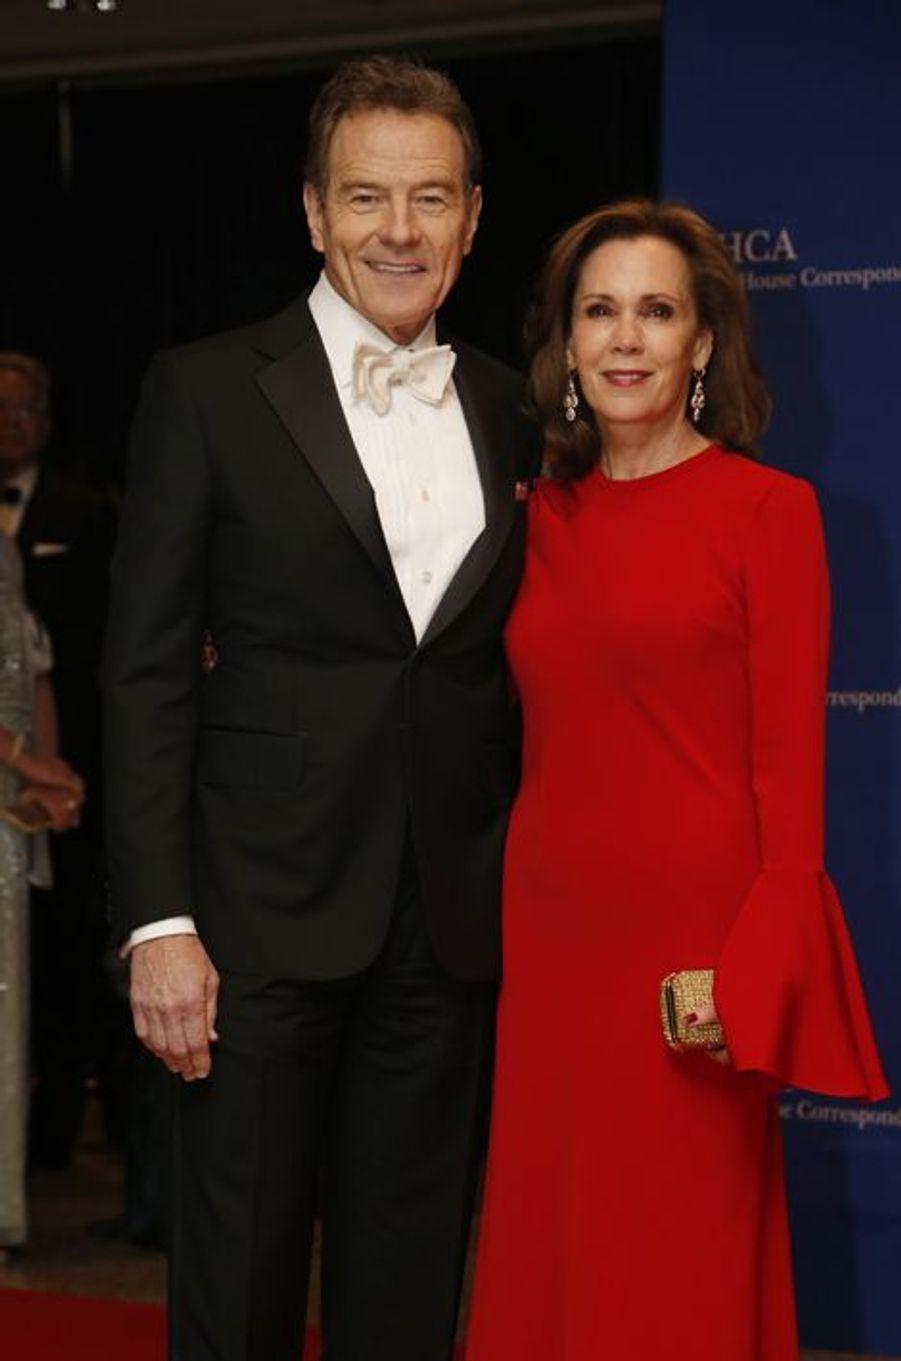 Bryan Cranston et son épouse au dîner des Correspondants à la Maison Blanche, le 30 avril 2016 à Washington.